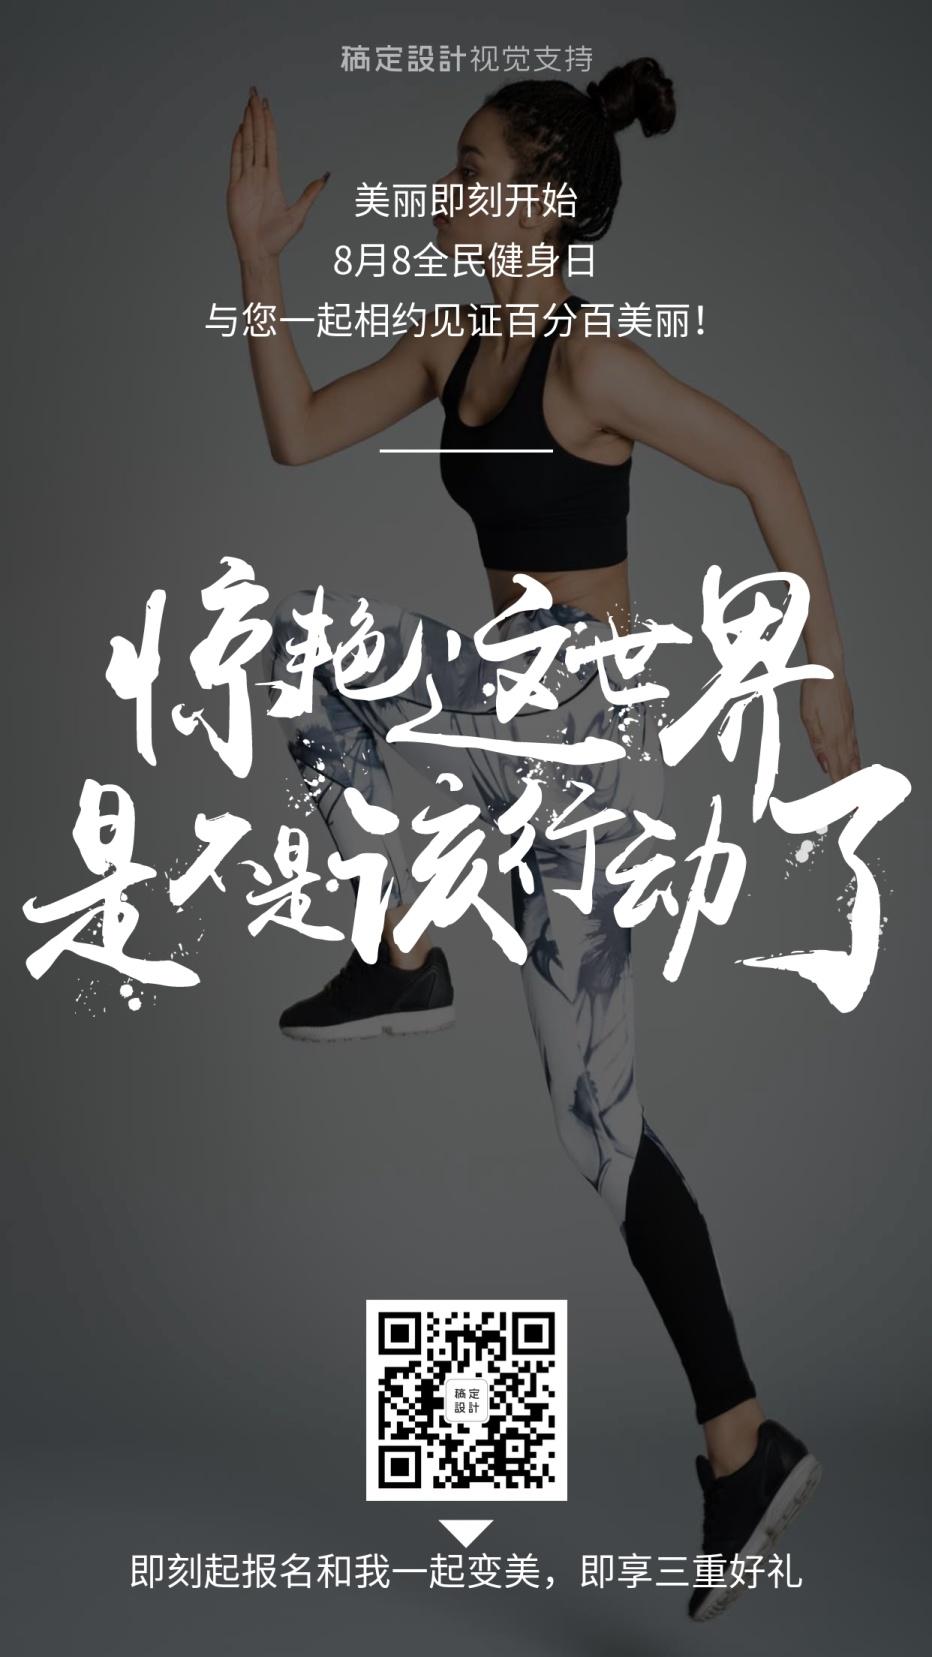 88全民健身日惊艳世界酷炫引流